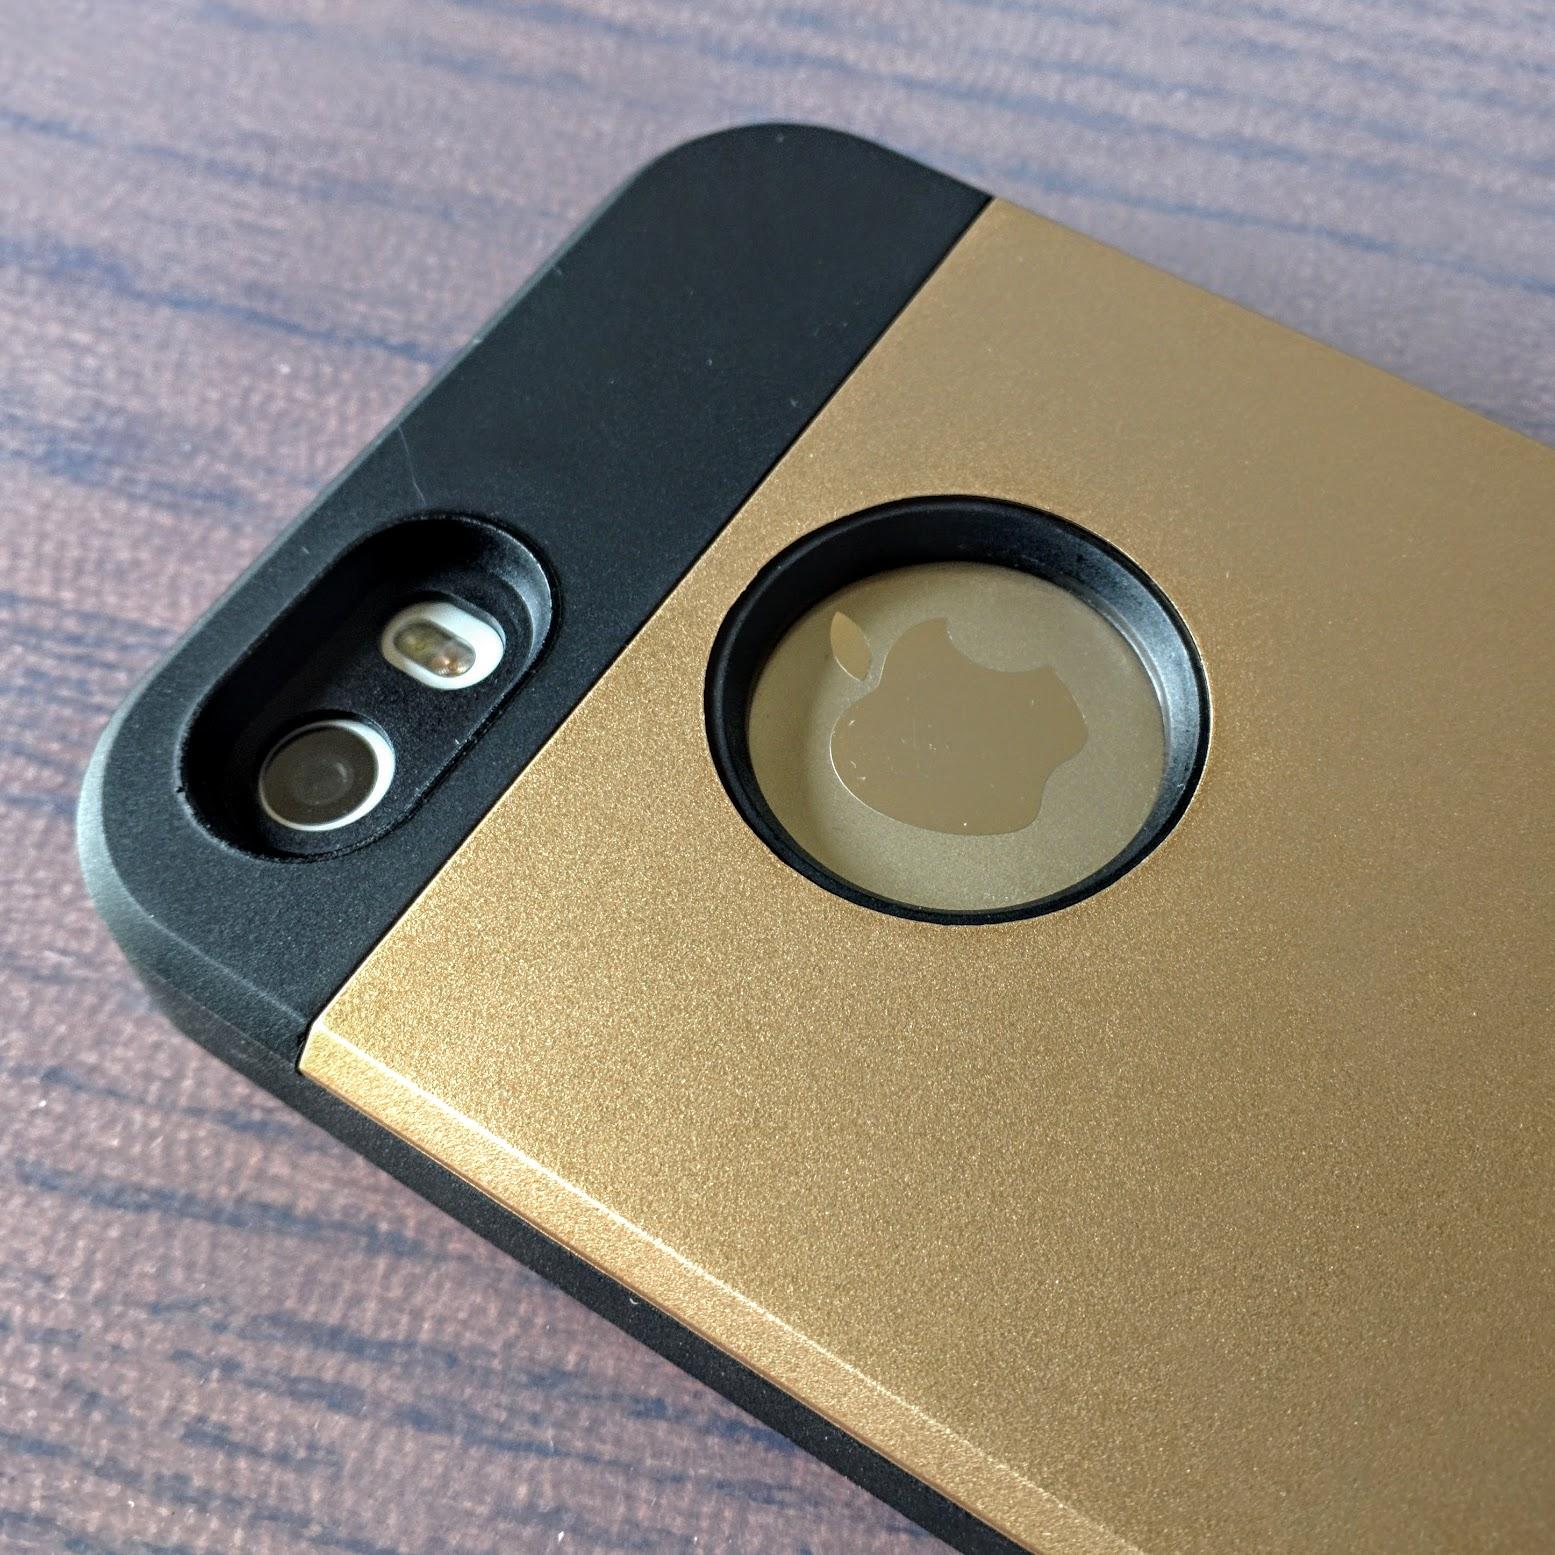 new trent trentium iphone 5s review